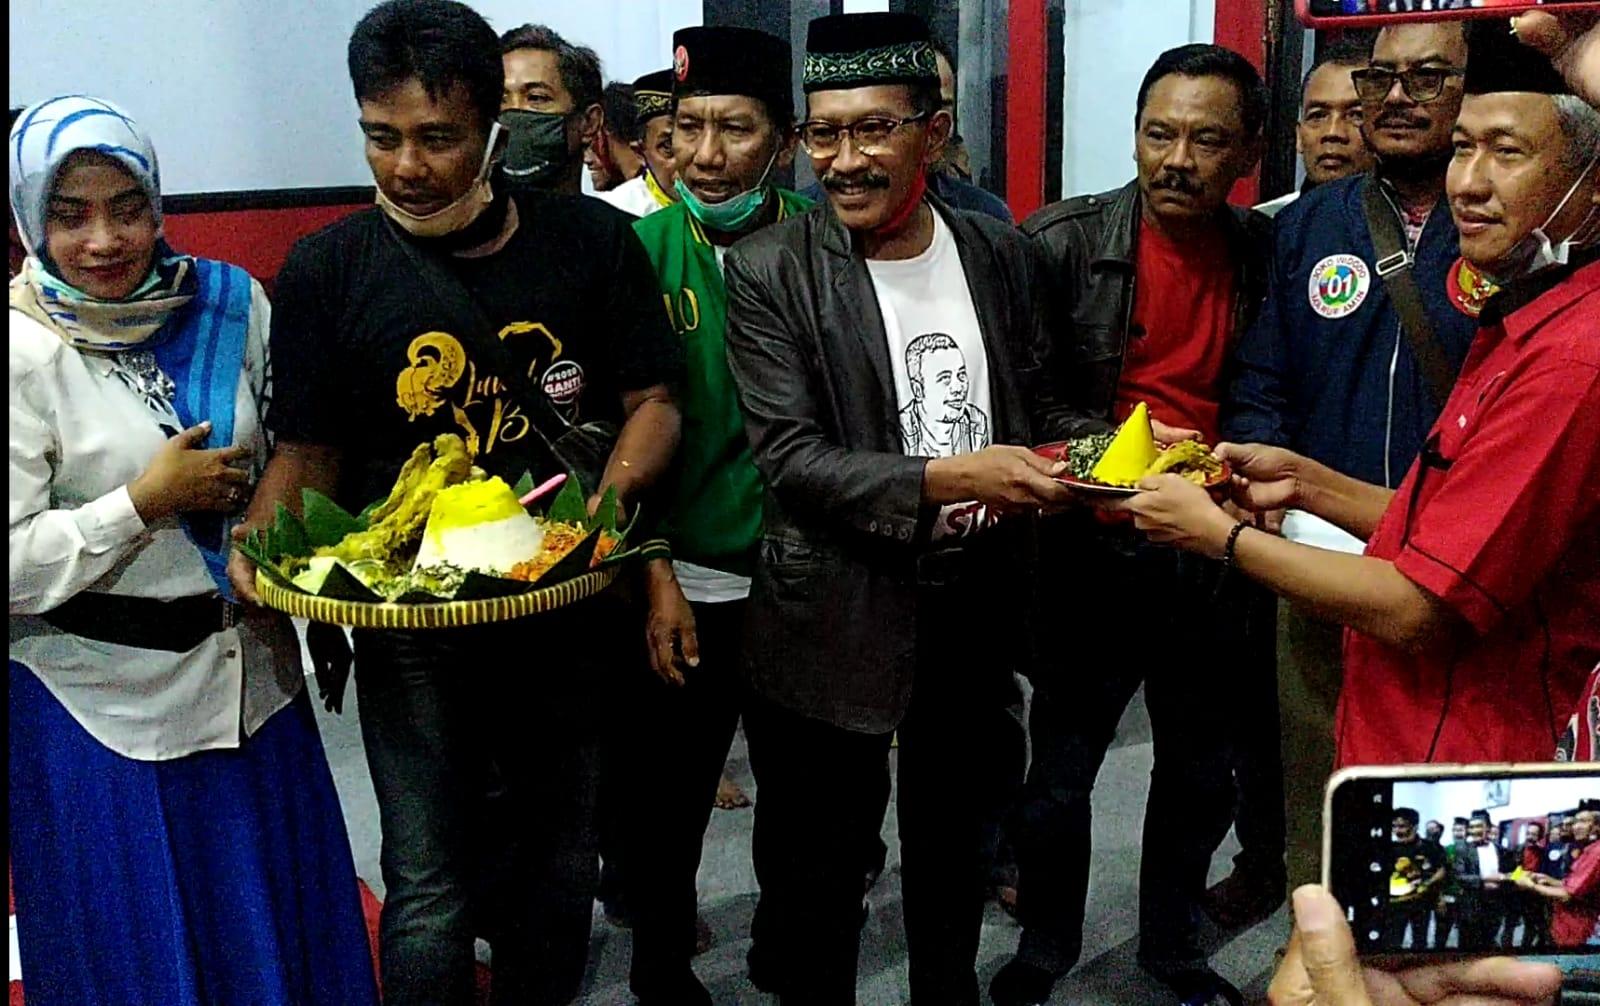 Manto, Ketua Relawan Semut Ireng menyerahkan Tumpeng kepada Ketua DPC PDIP Ponorogo, Bambang Juwono